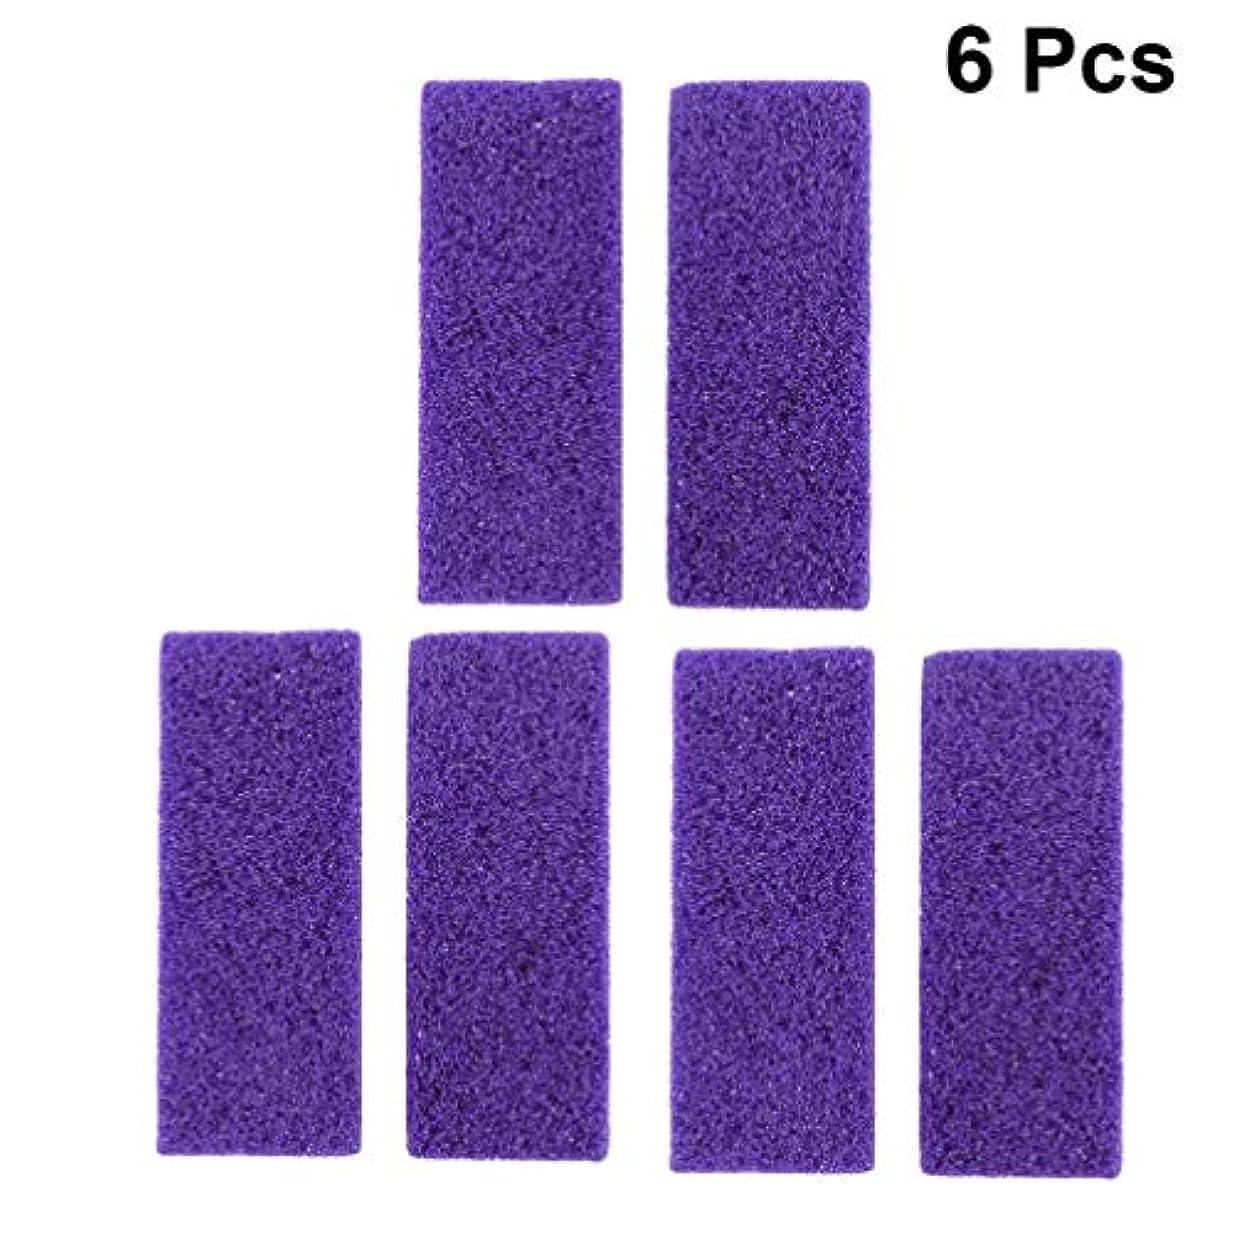 計算する社会主義内なるHeallily 6ピース天然軽石石紫フットケアツールカルスリムーバーペディキュアツール用ハードスキンデッドスキン